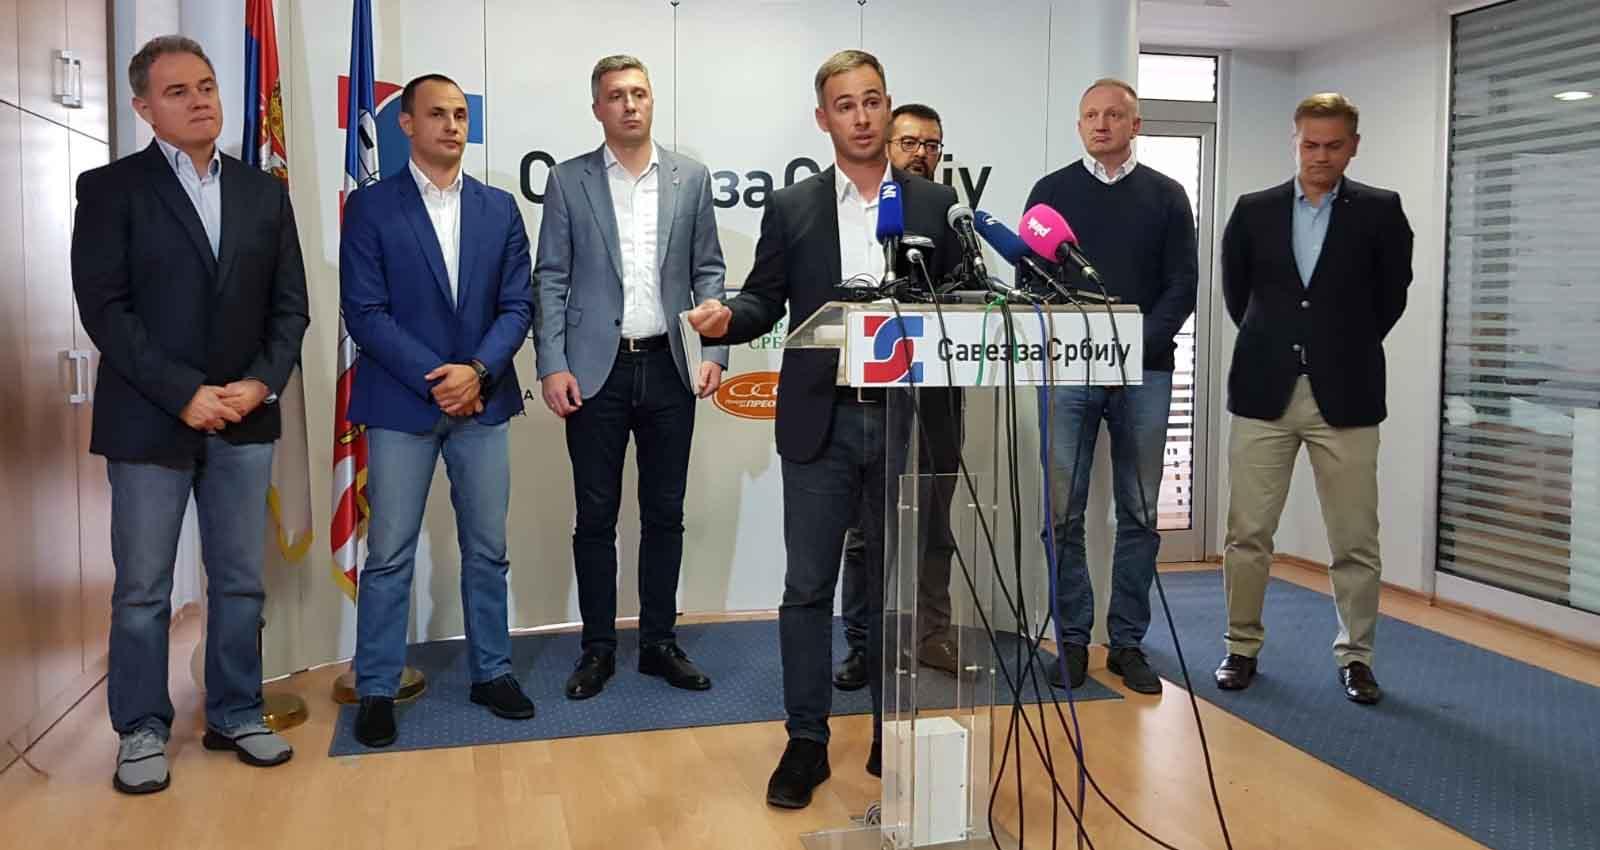 Алексић: Нисмо на пијаци, нема погађања око изборних услова, на режиму је да их обезбеди